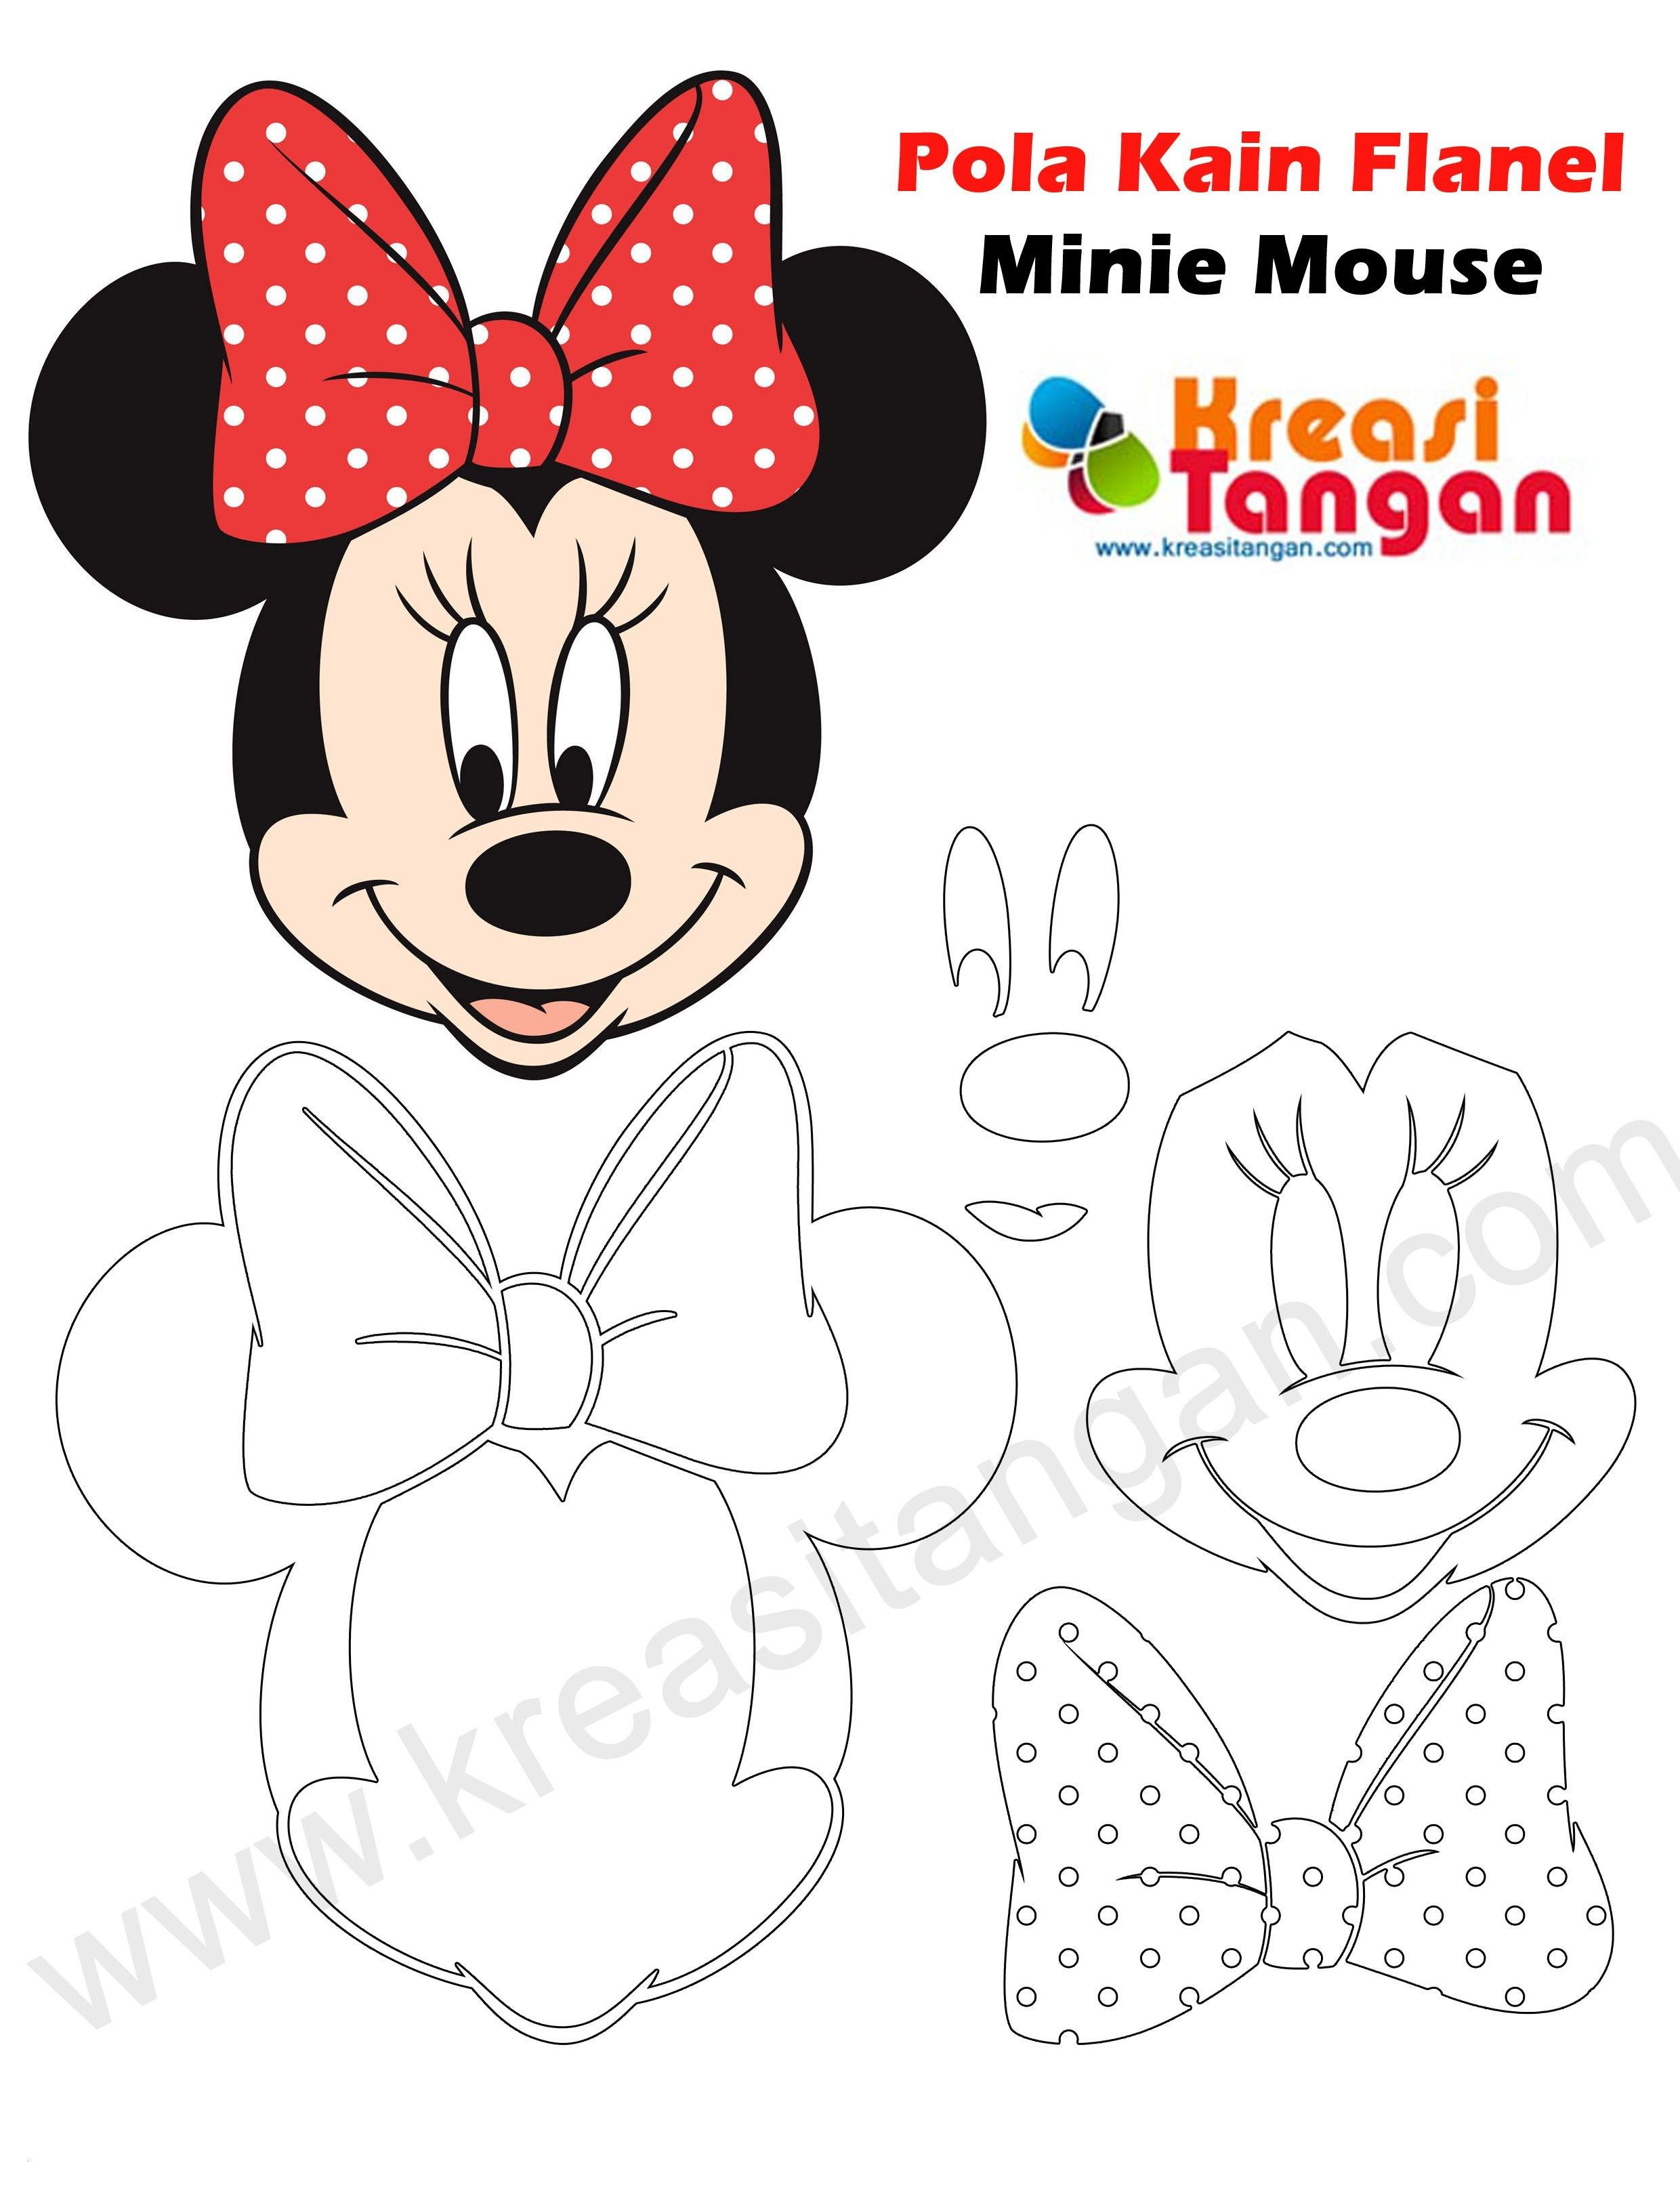 Ausmalbilder Mickey Mouse Neu 40 Frisch Mickey Mouse Ausmalbilder Beste Malvorlage Fotos